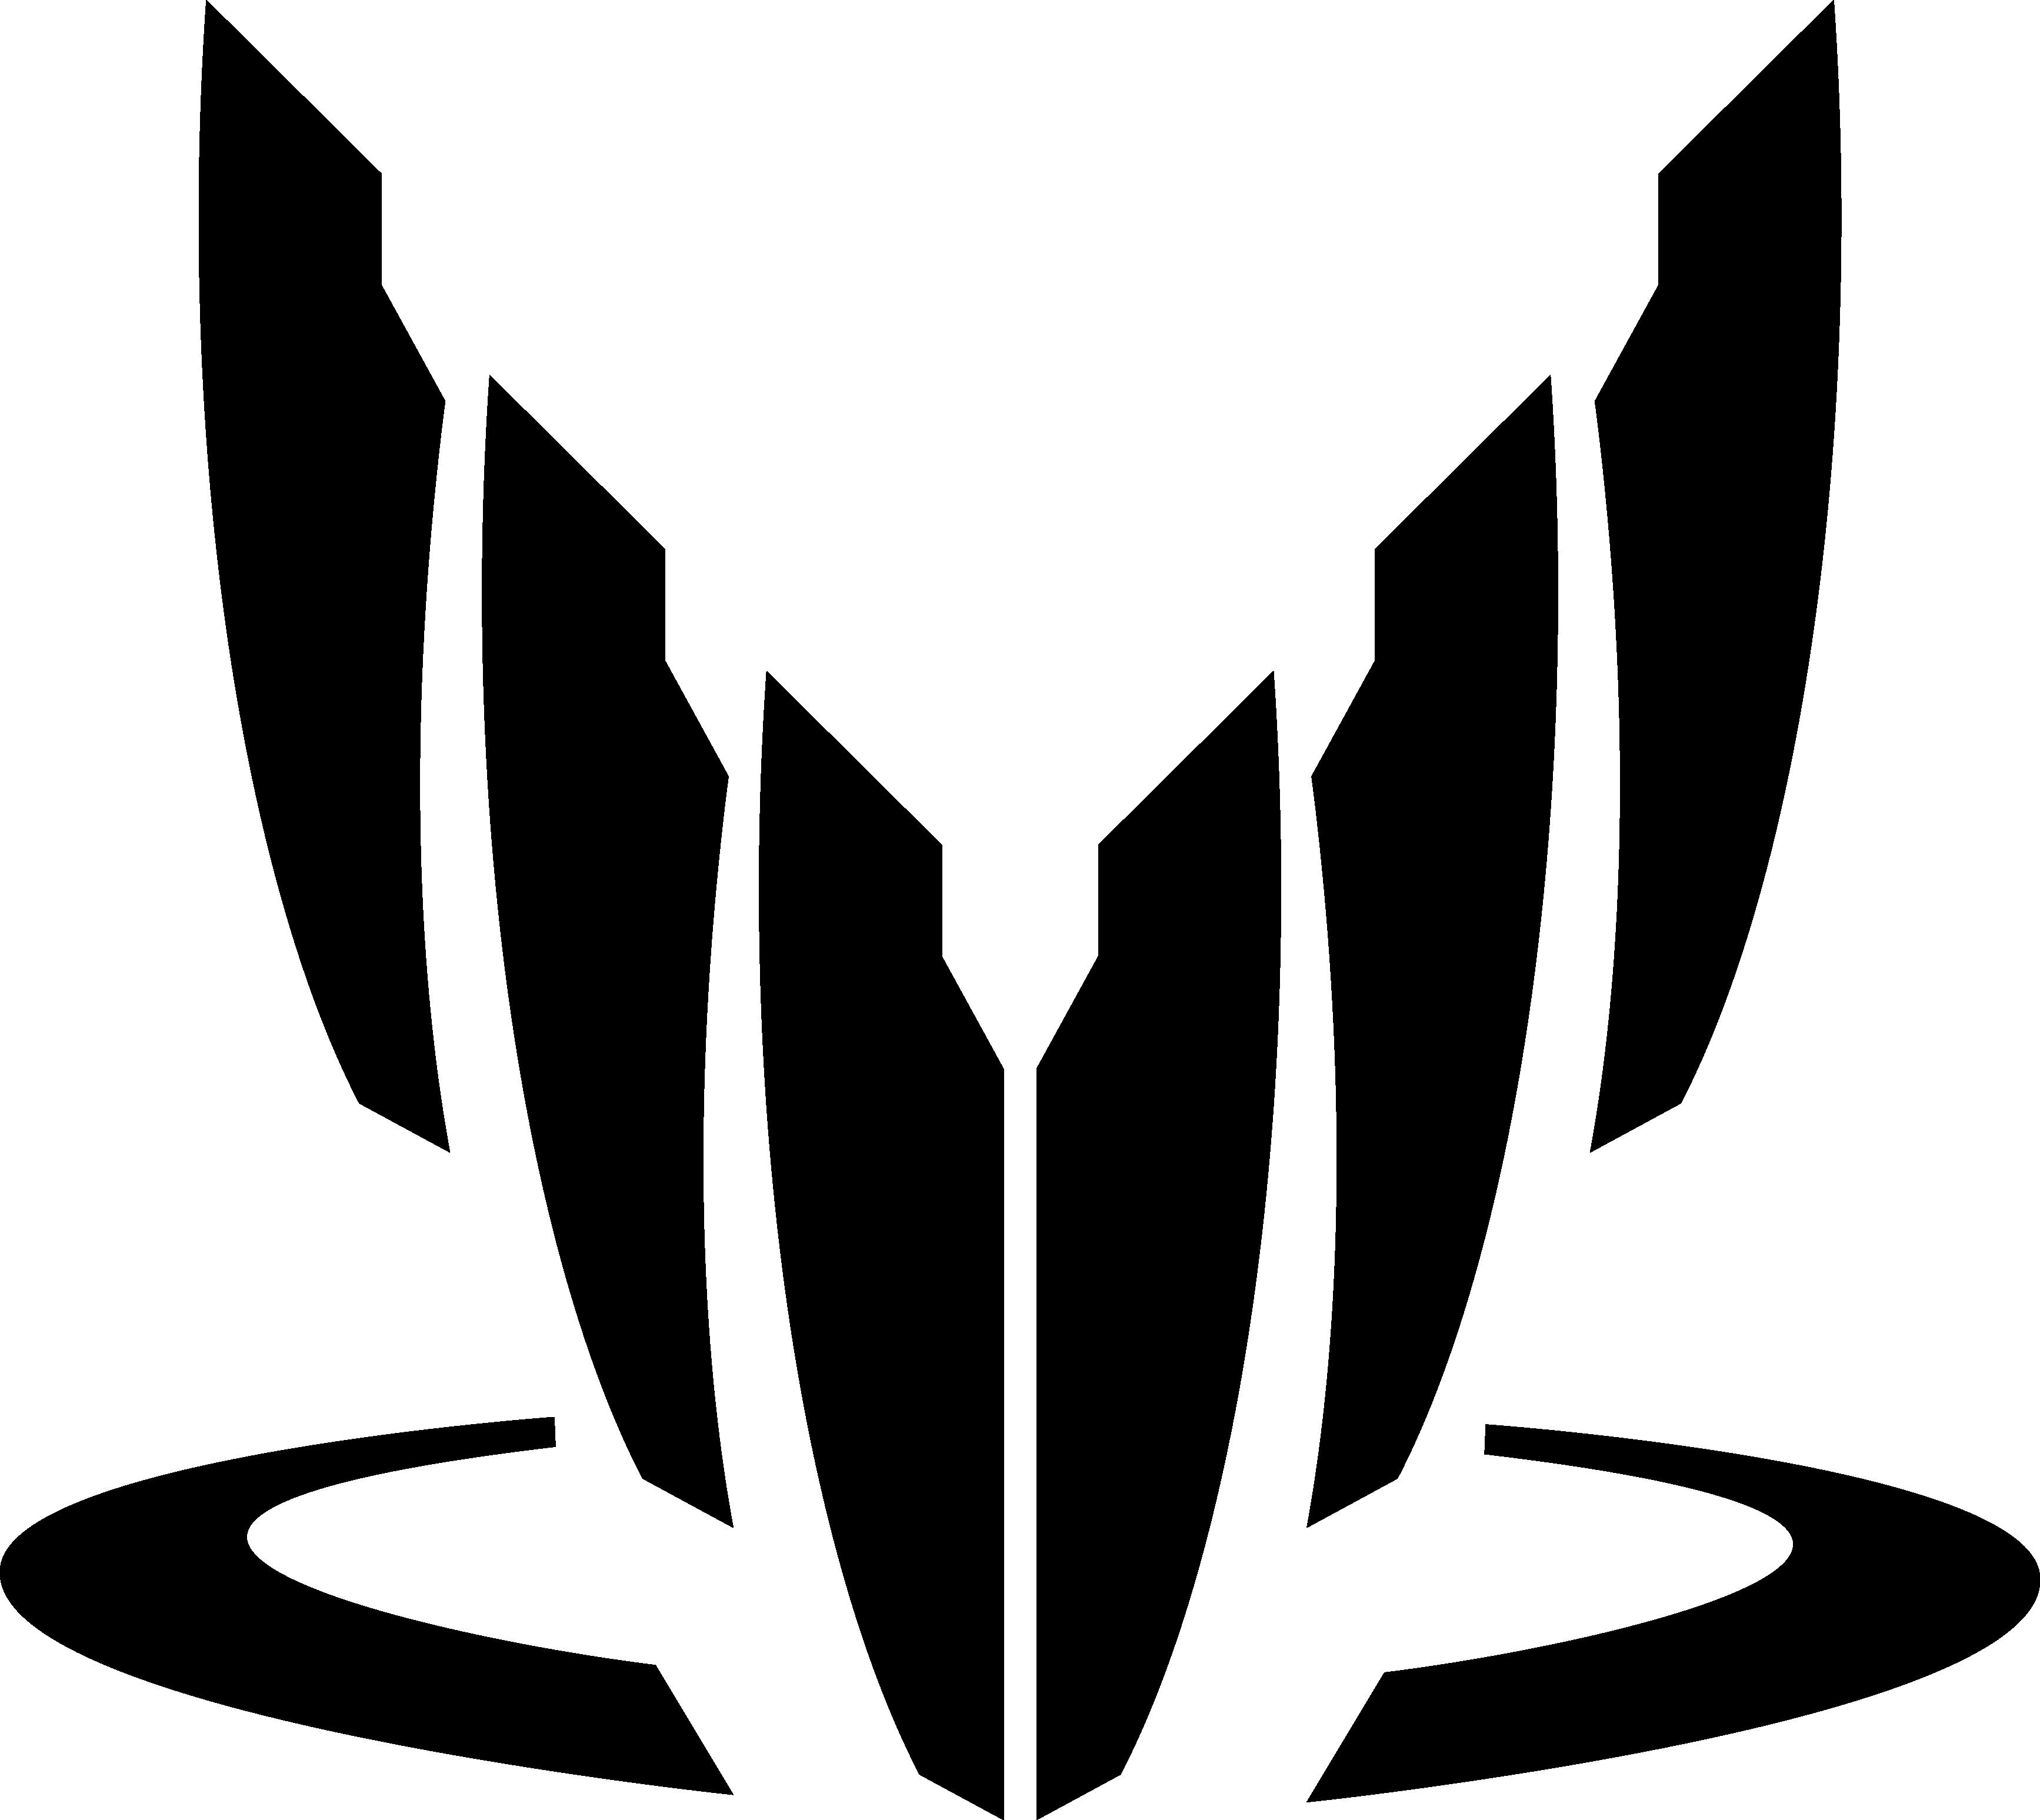 Mass Effect Clipart-Clipartlook.com-3468